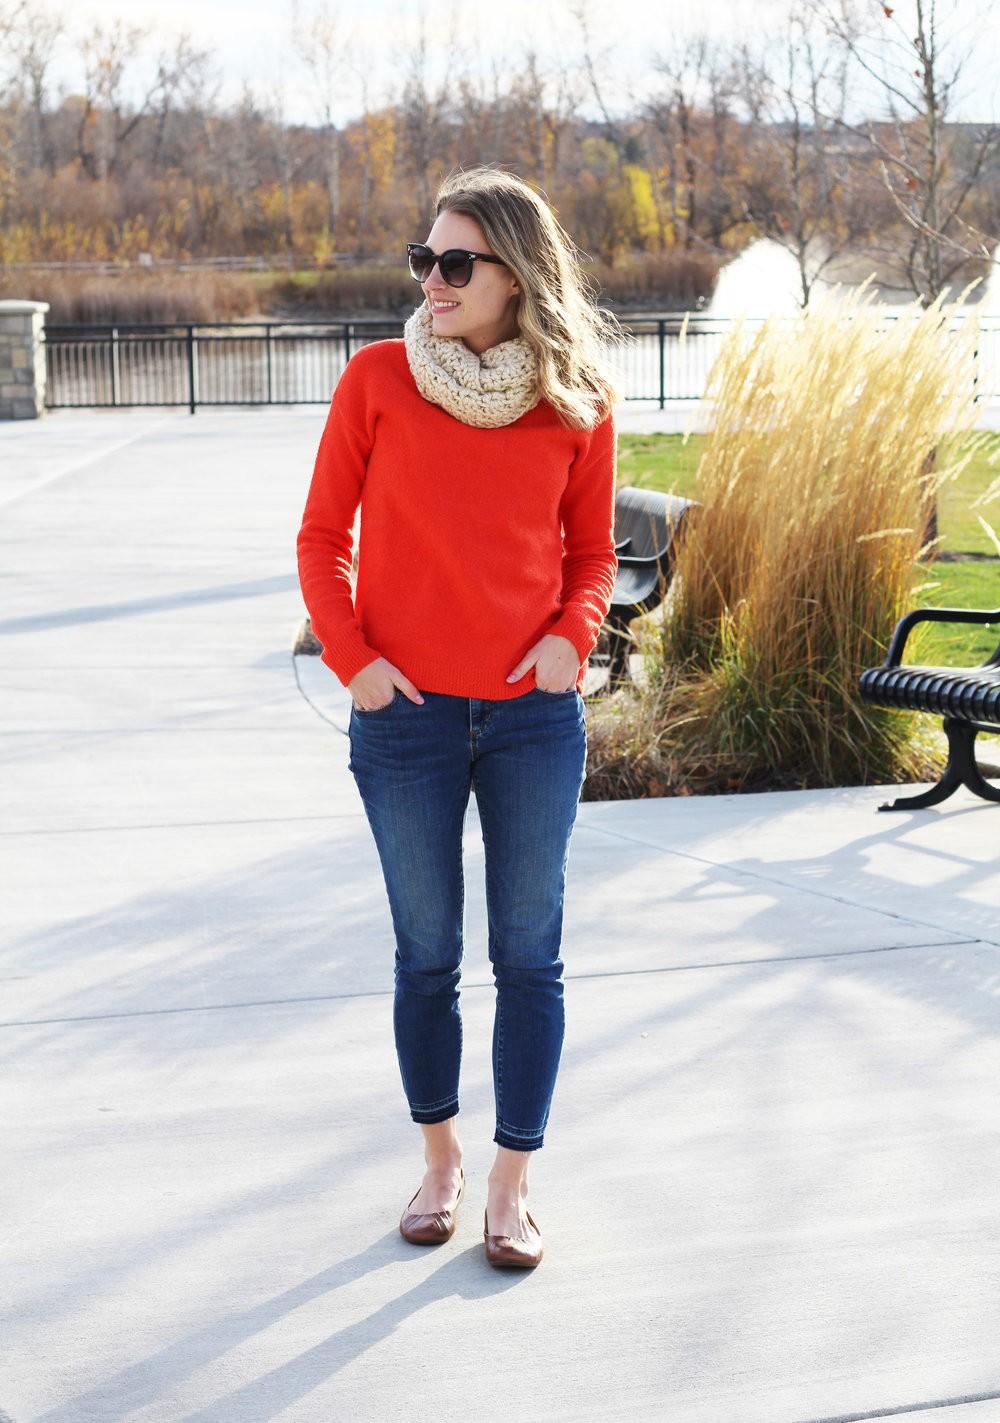 تنسيق اللون الأحمر في ملابس الشتاء - البلوفر الأحمر